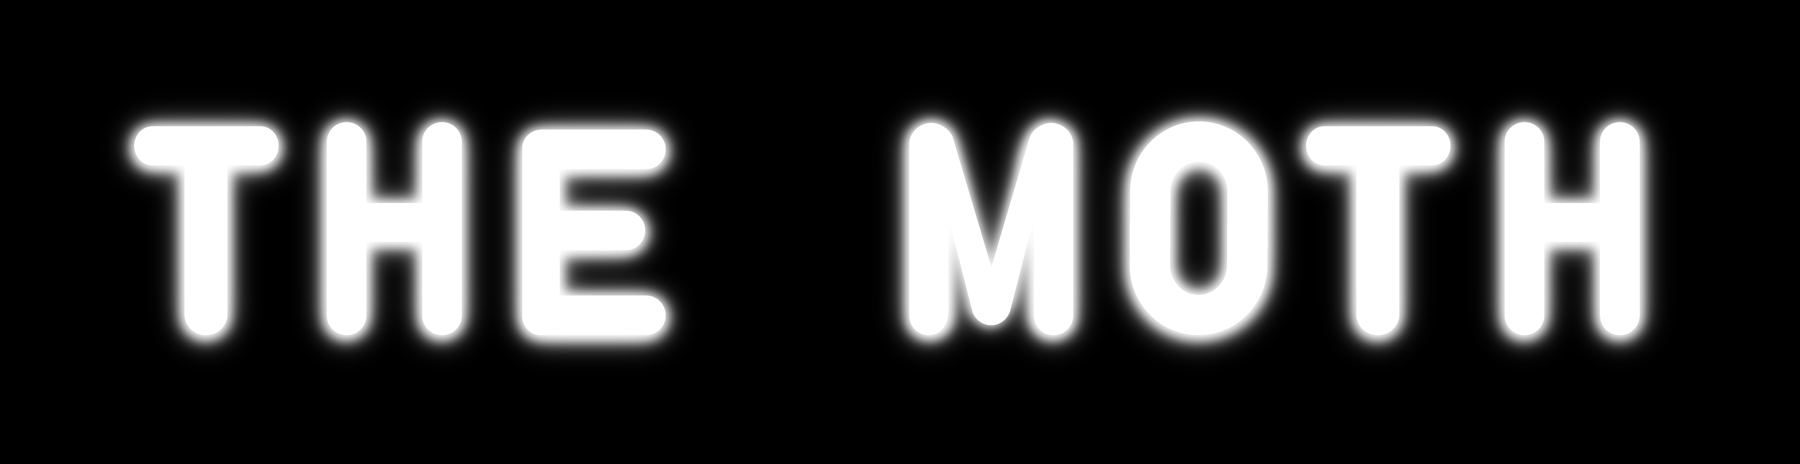 B&W Moth